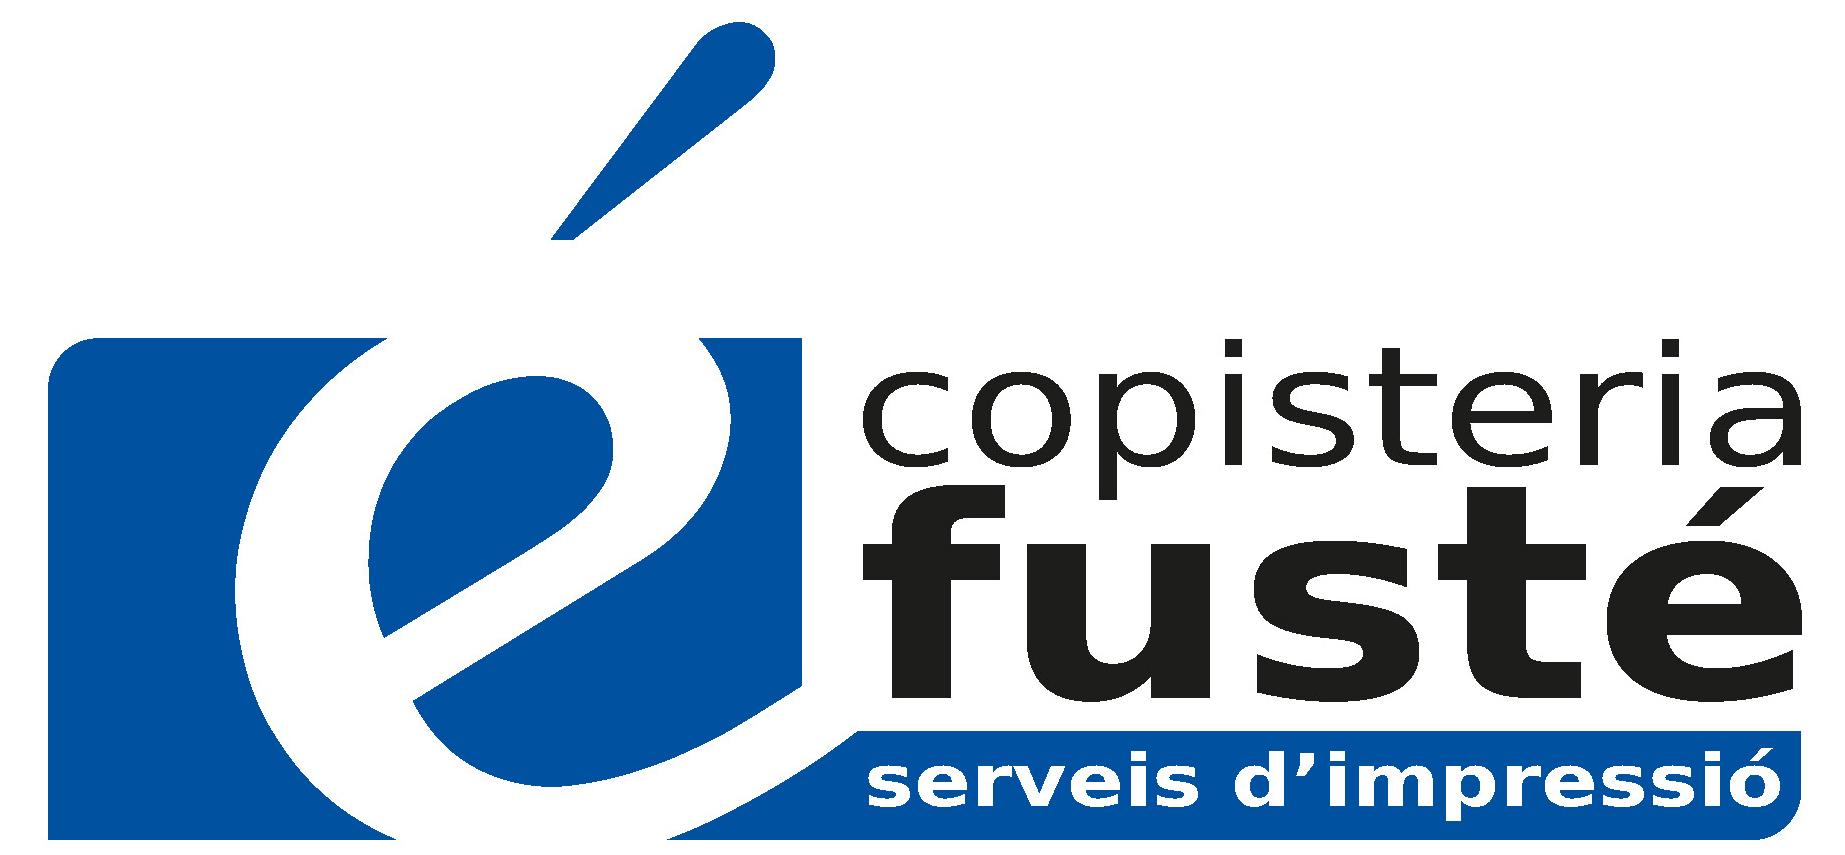 Copistería Fusté